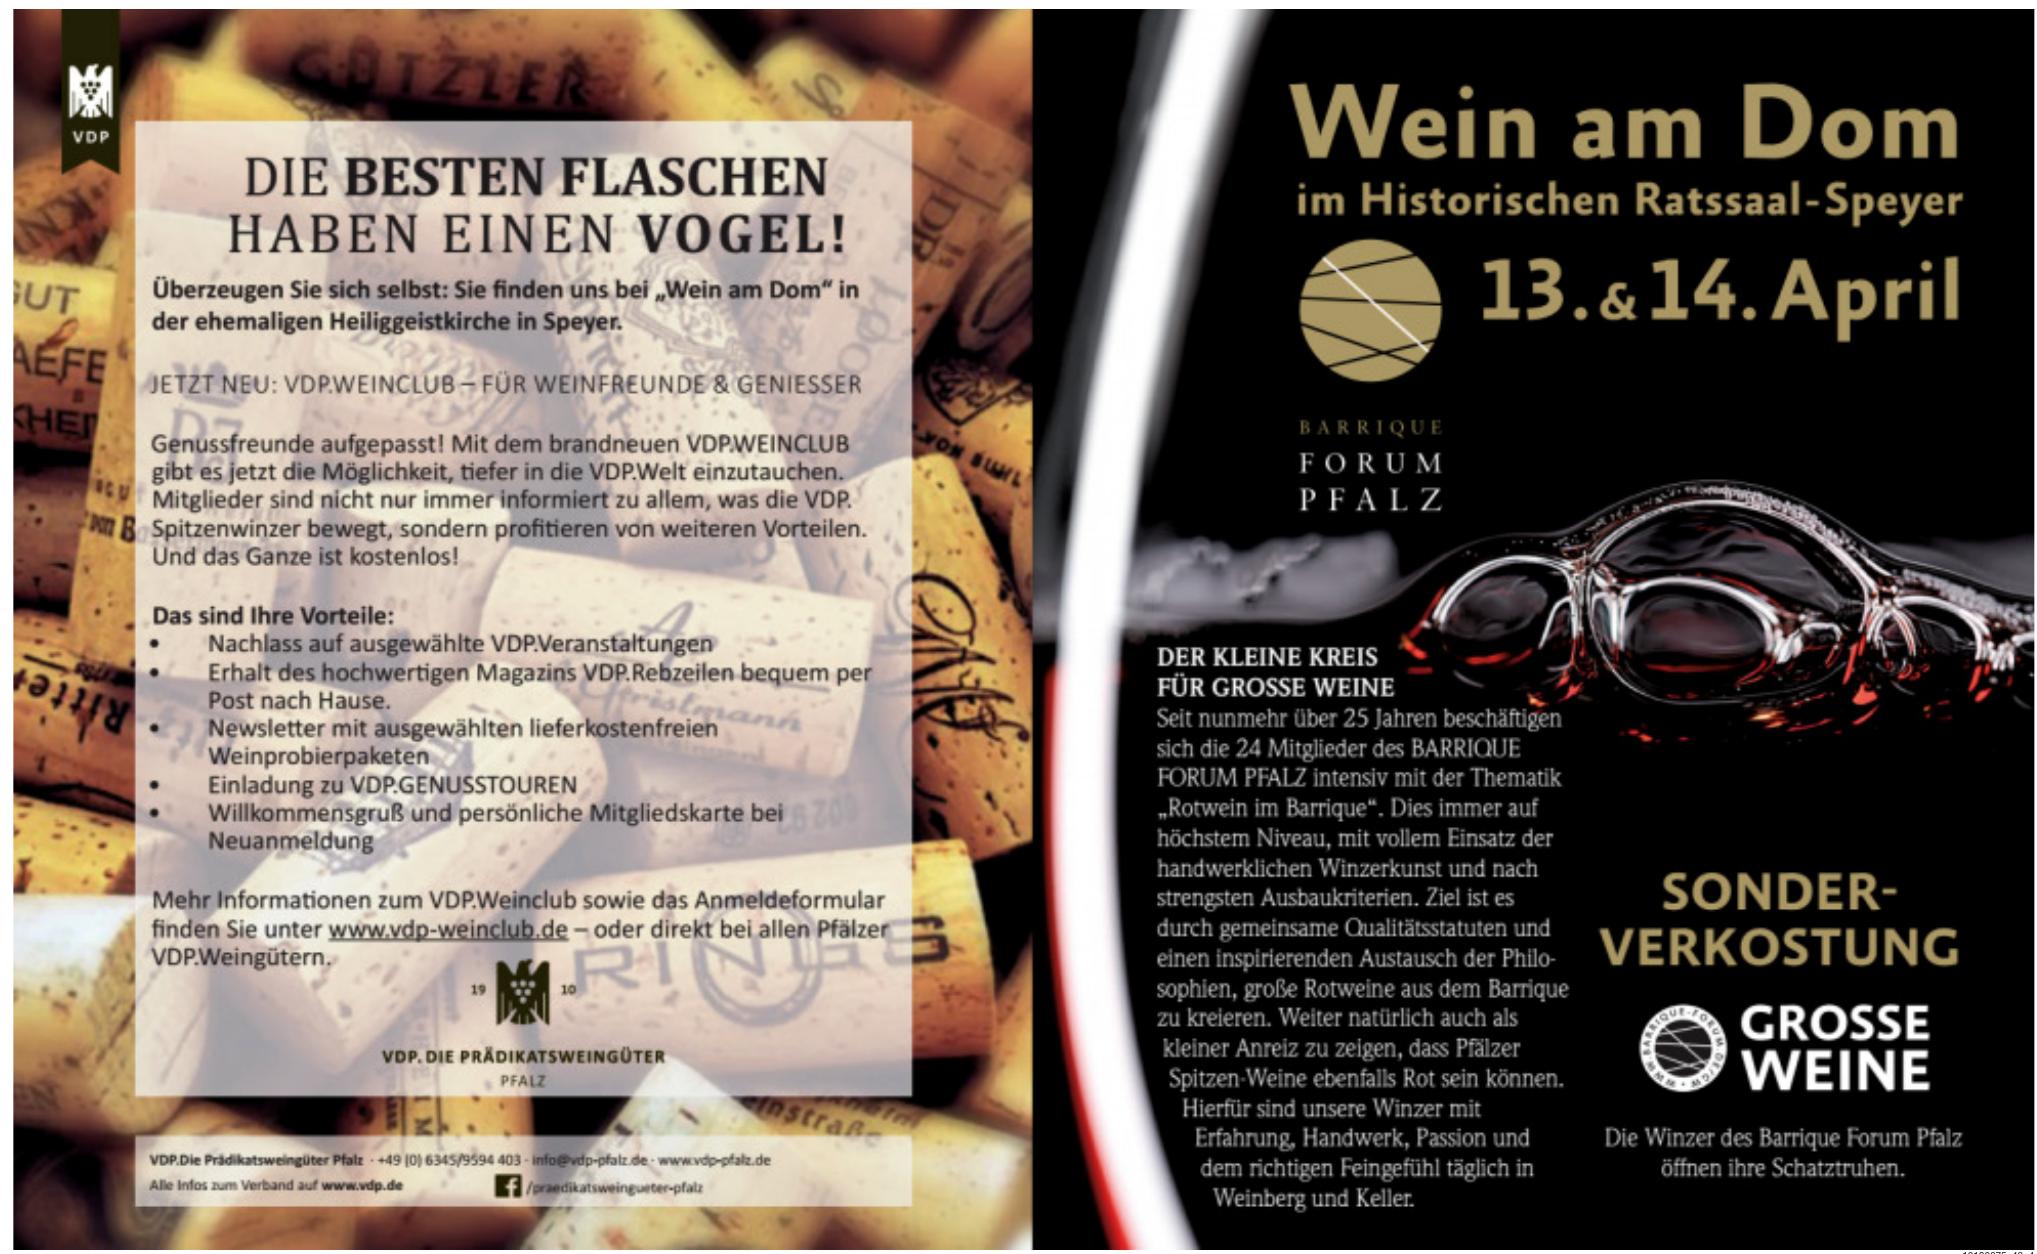 VDP - Die Prädikatsweingüter Pfalz